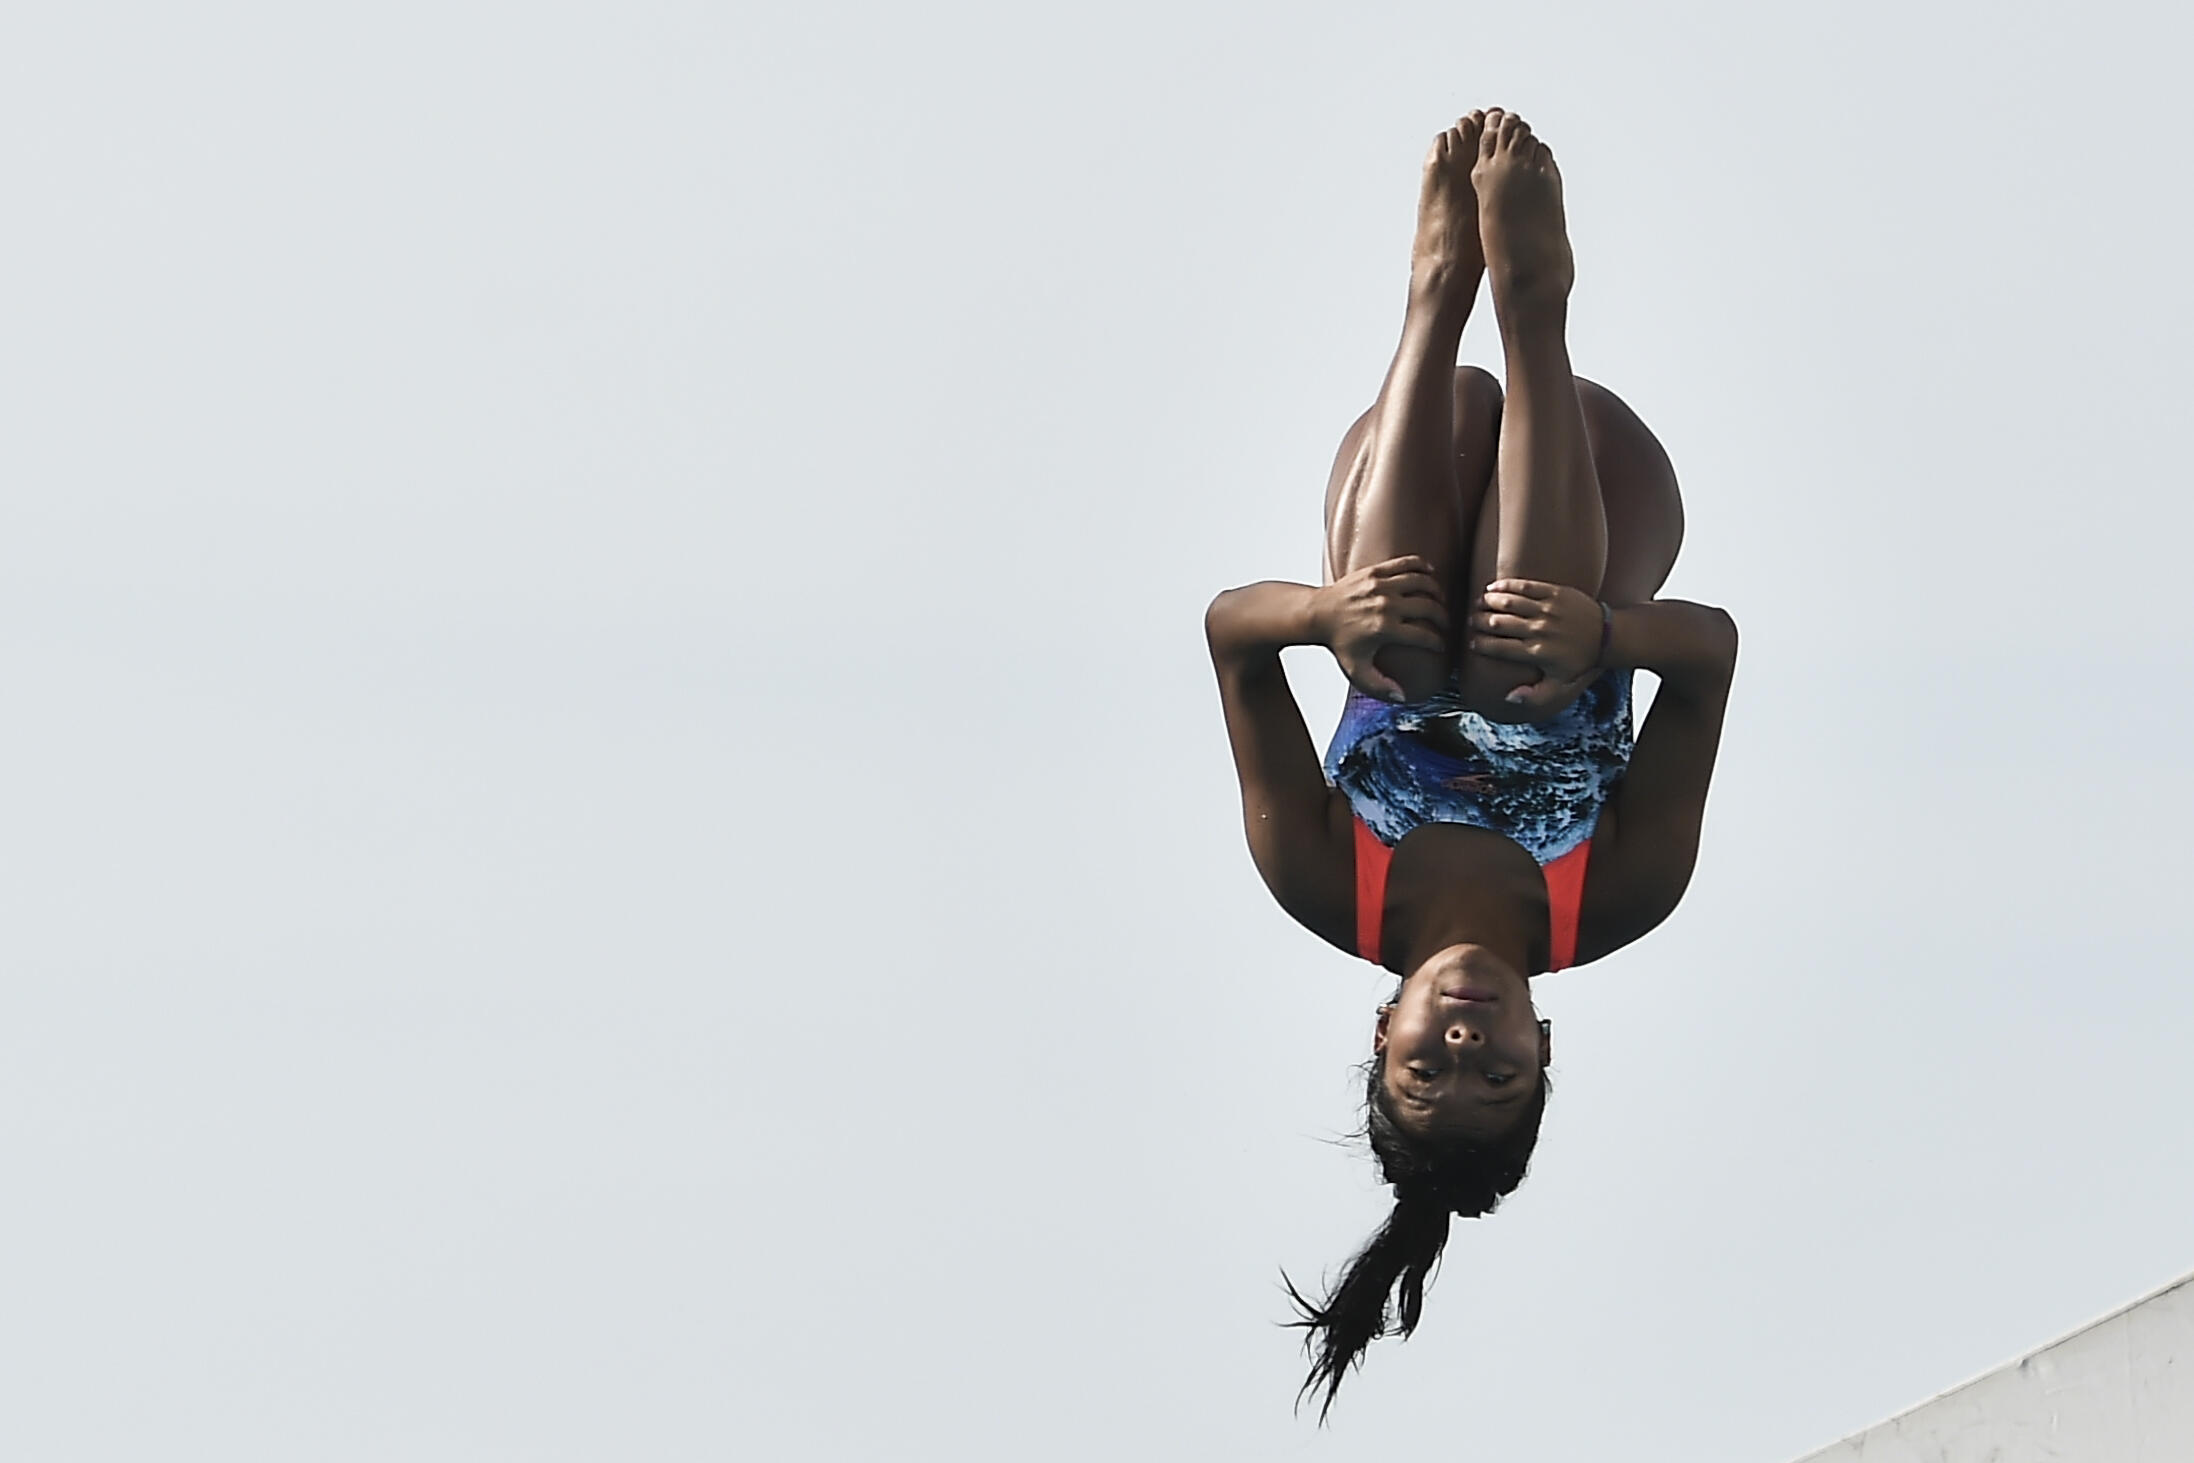 Ángela Hernández de Guatemala compite en natación, en la categoría de clavados.